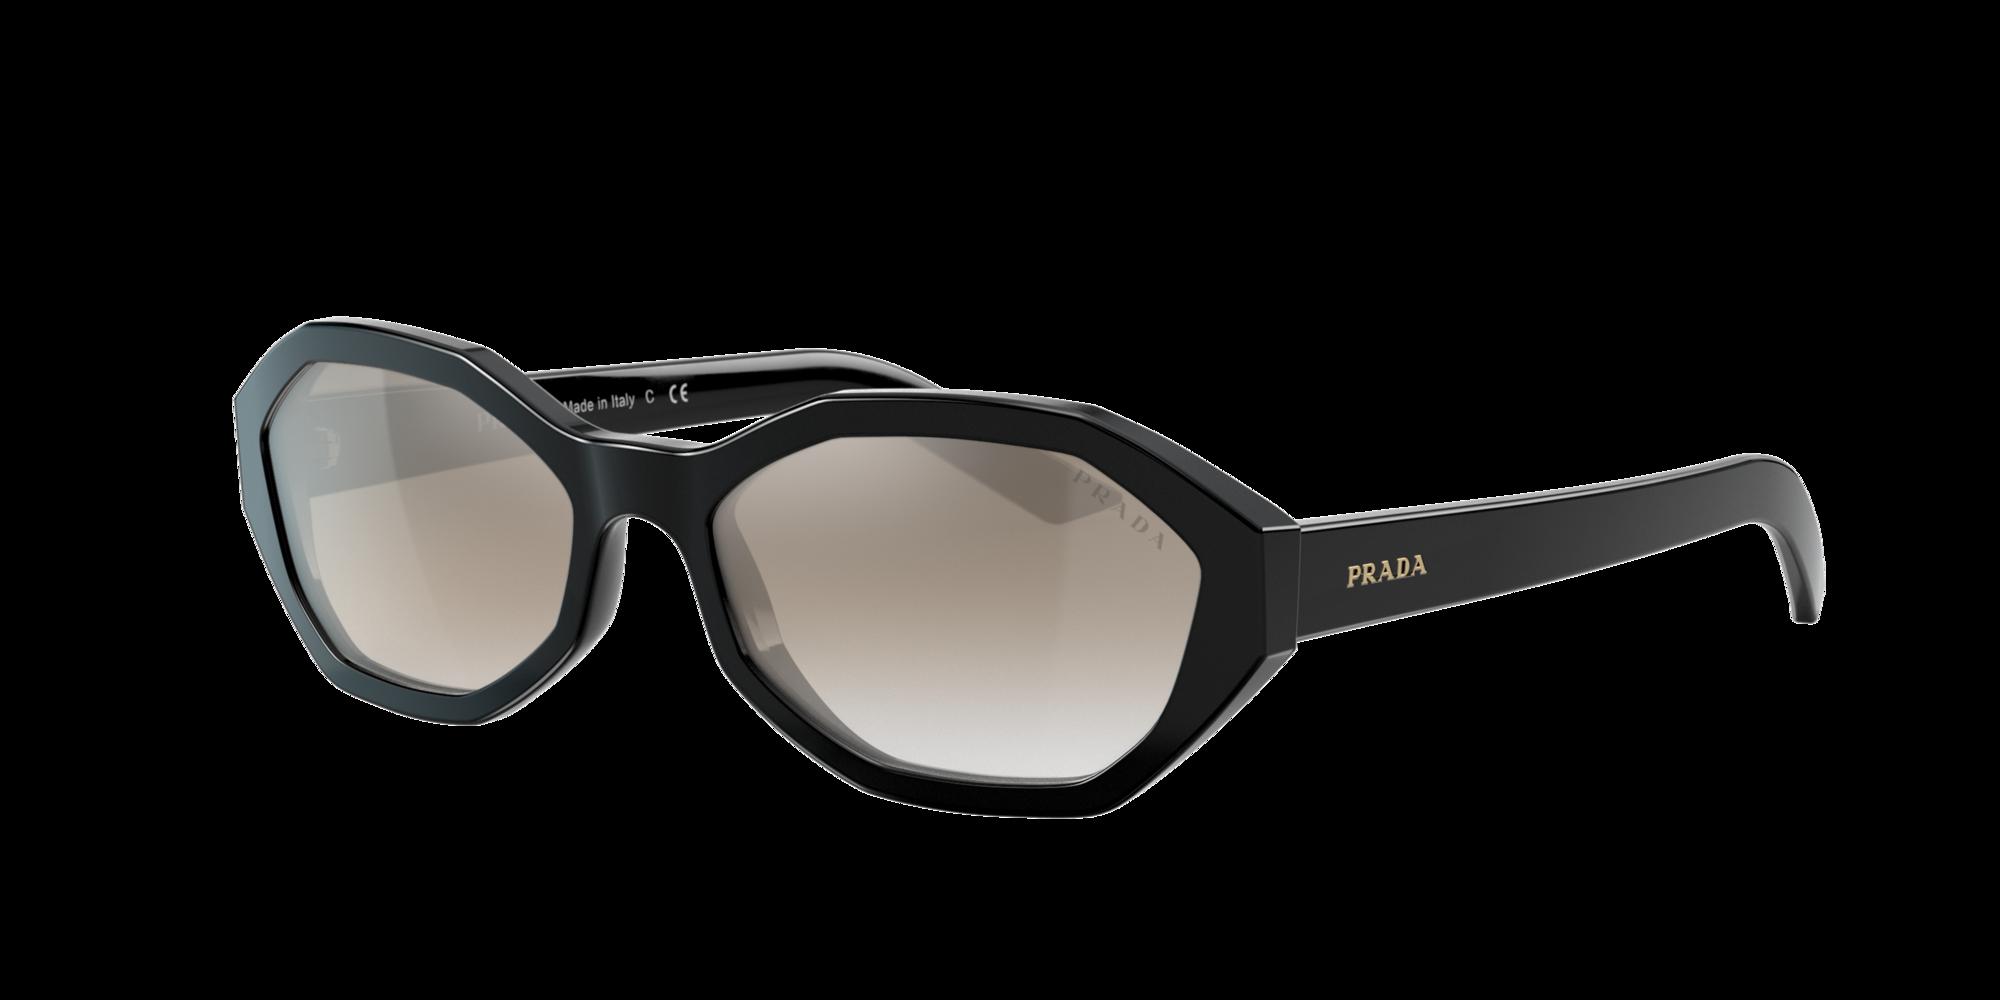 Prada Unisex  PR 20VS -  Frame color: Noir, Lens color: Gris-Noir, Size 56-17/140